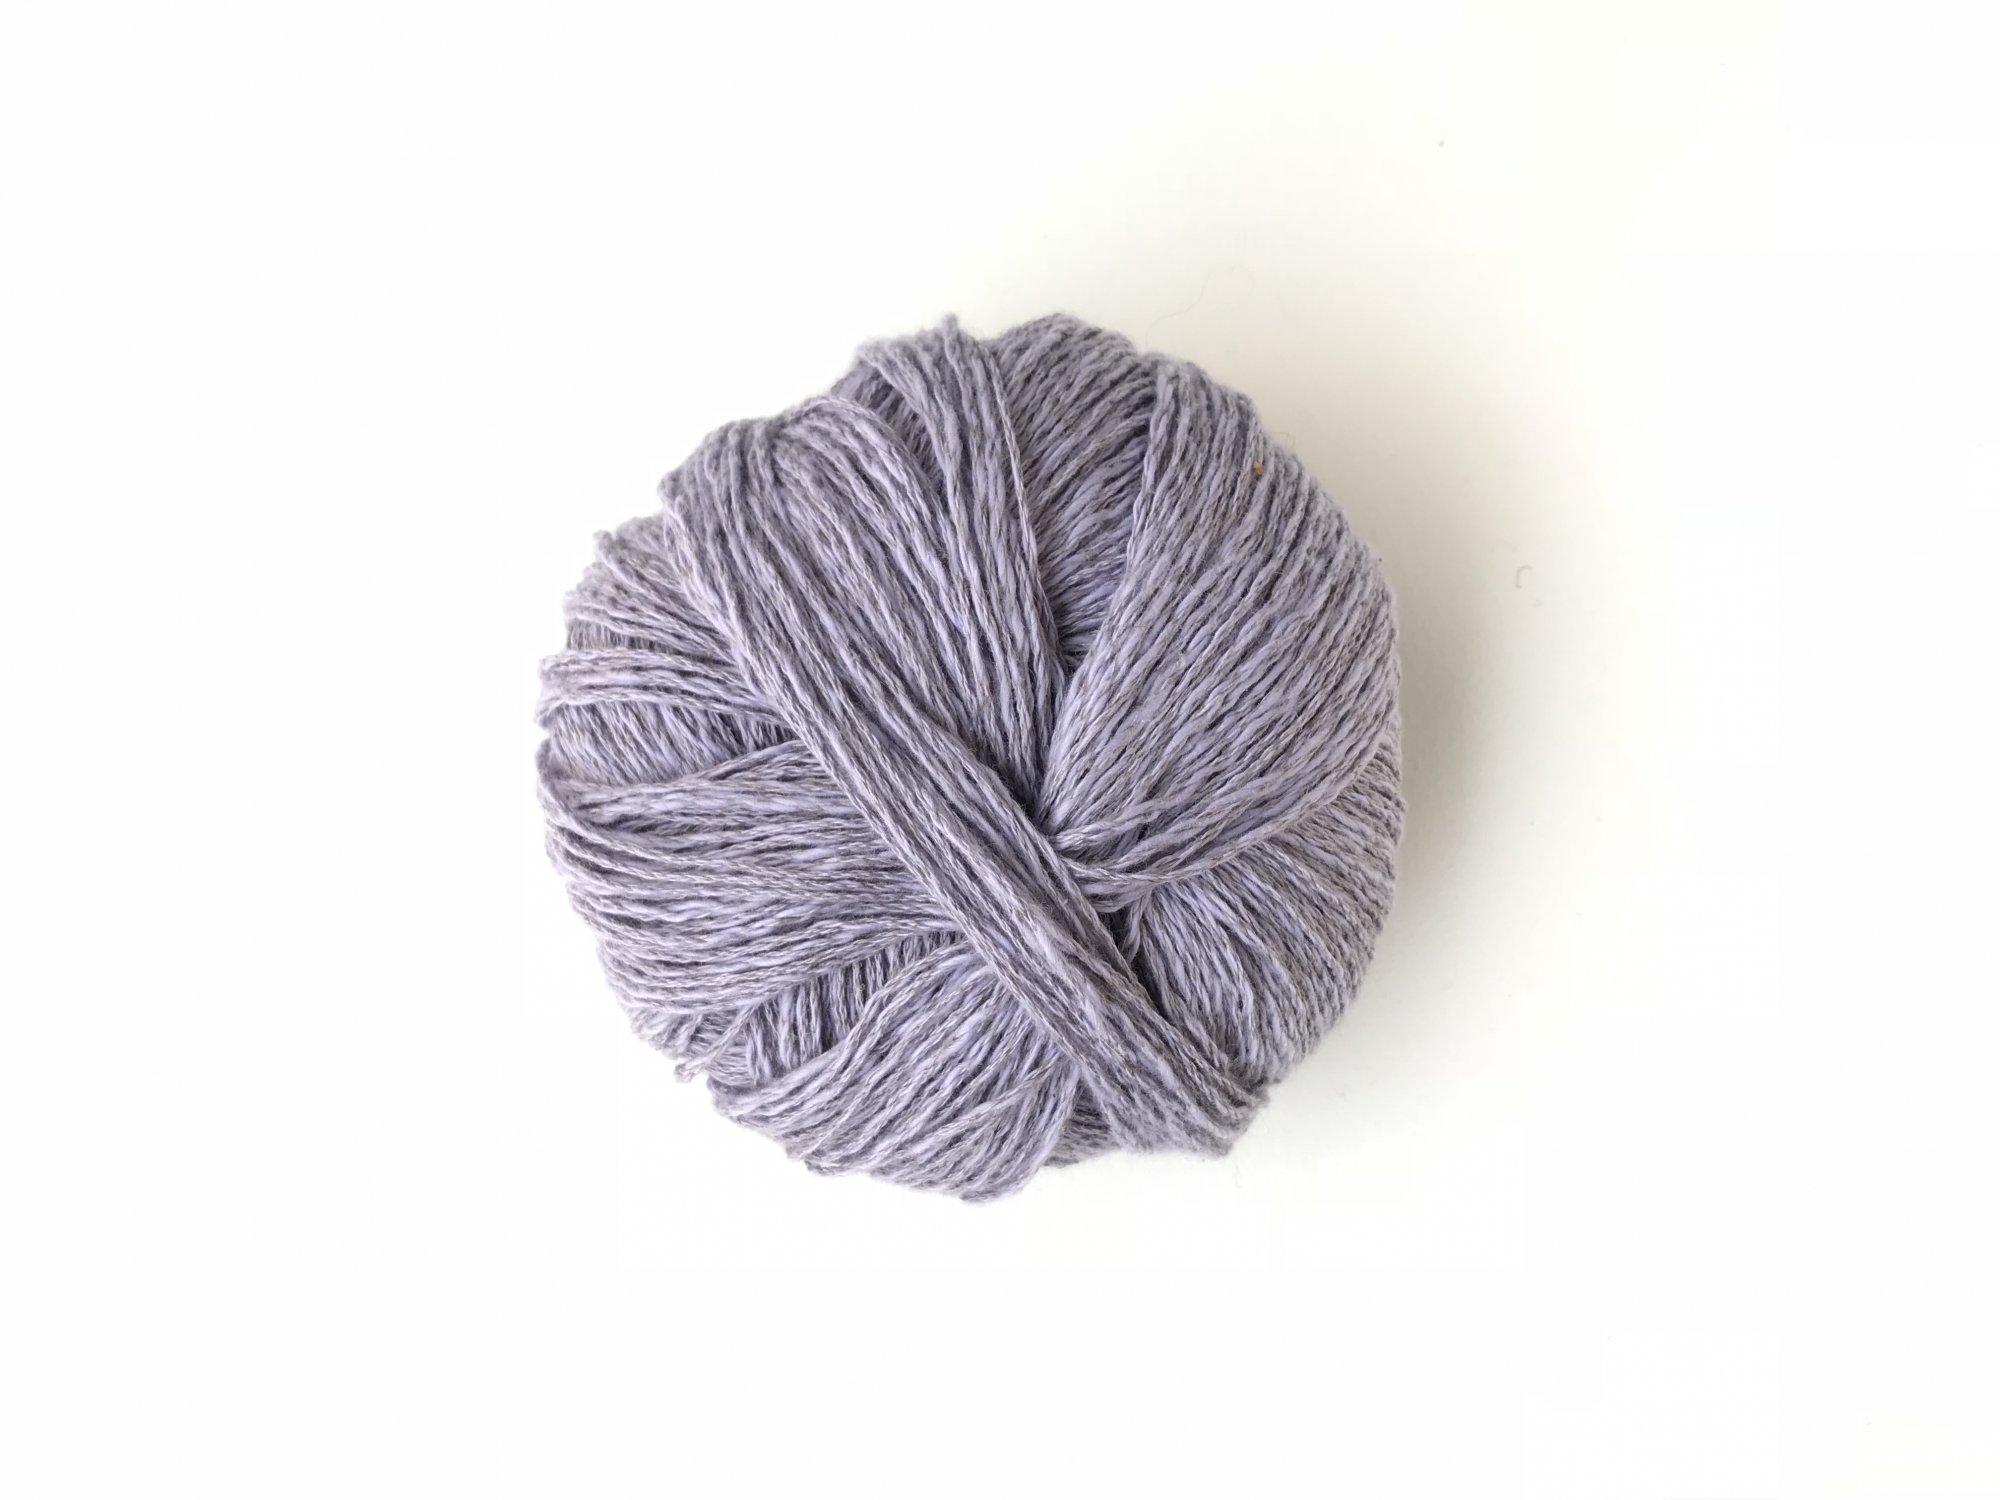 Zooey - Hazy Lilac 21